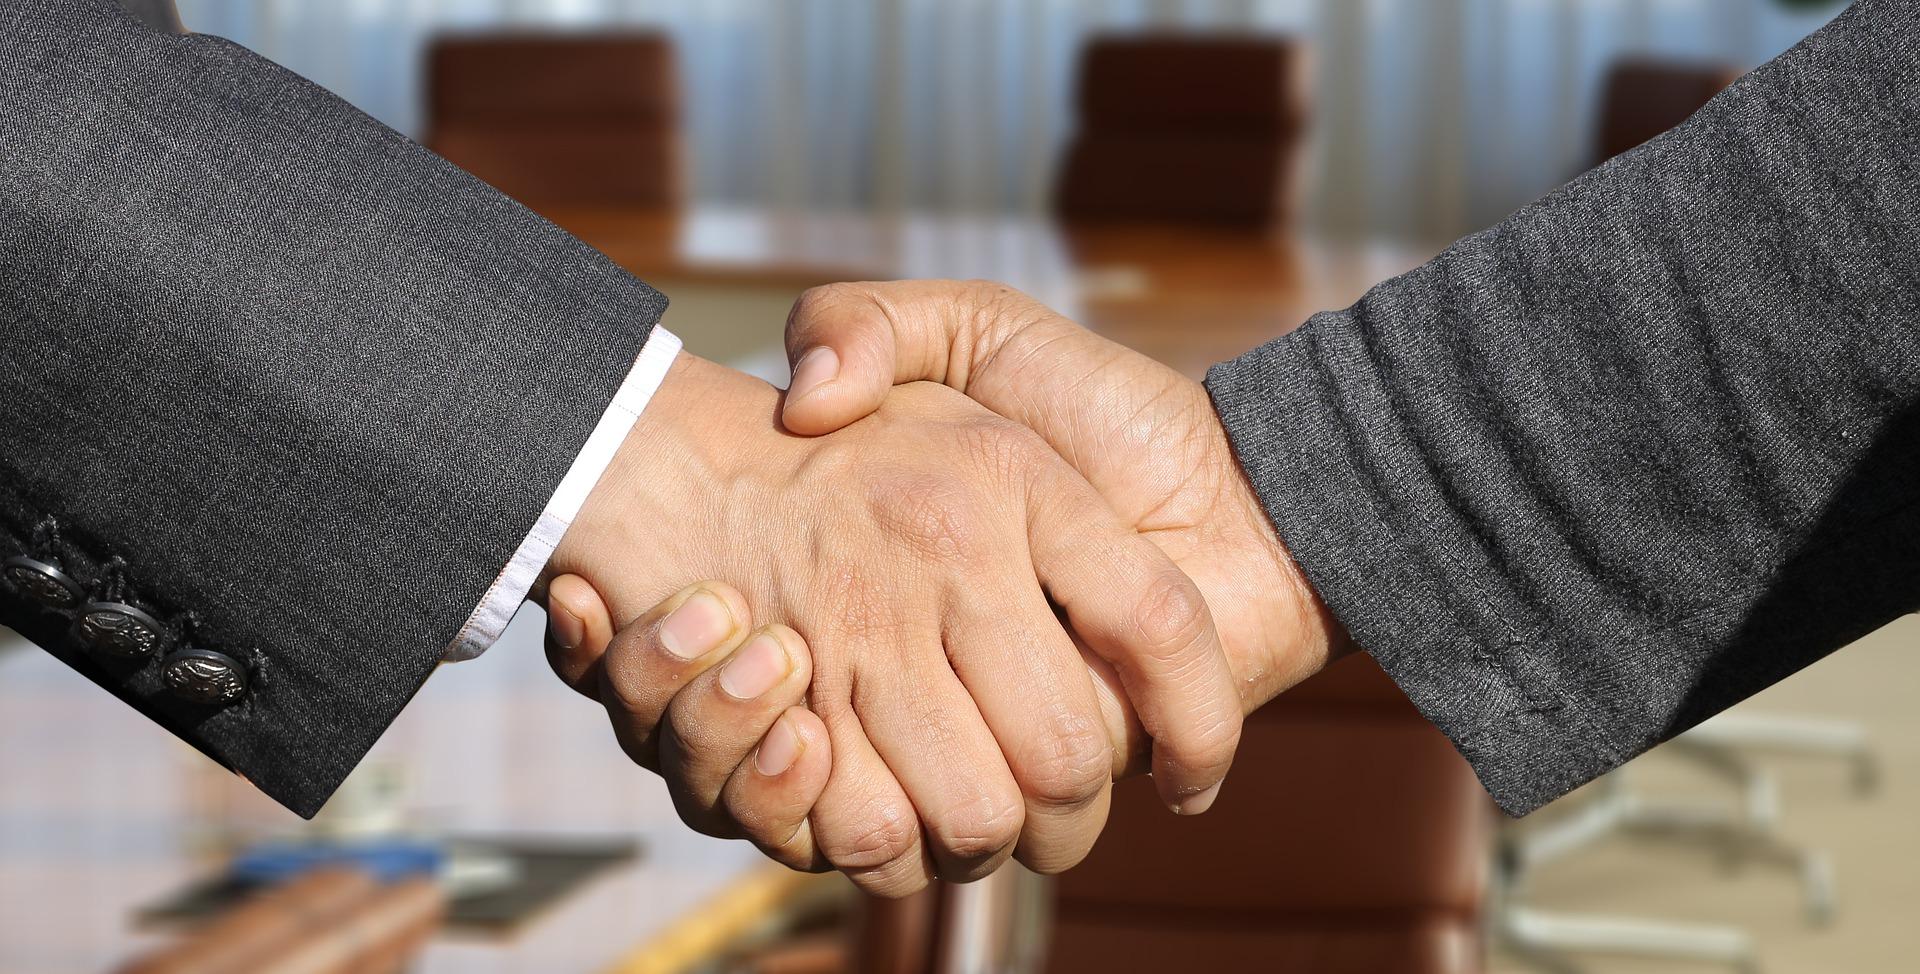 AGCM – Avviata istruttoria nei confronti di comparatori di prezzo e di imprese assicurative per sospetta intesa su polizze RCA.